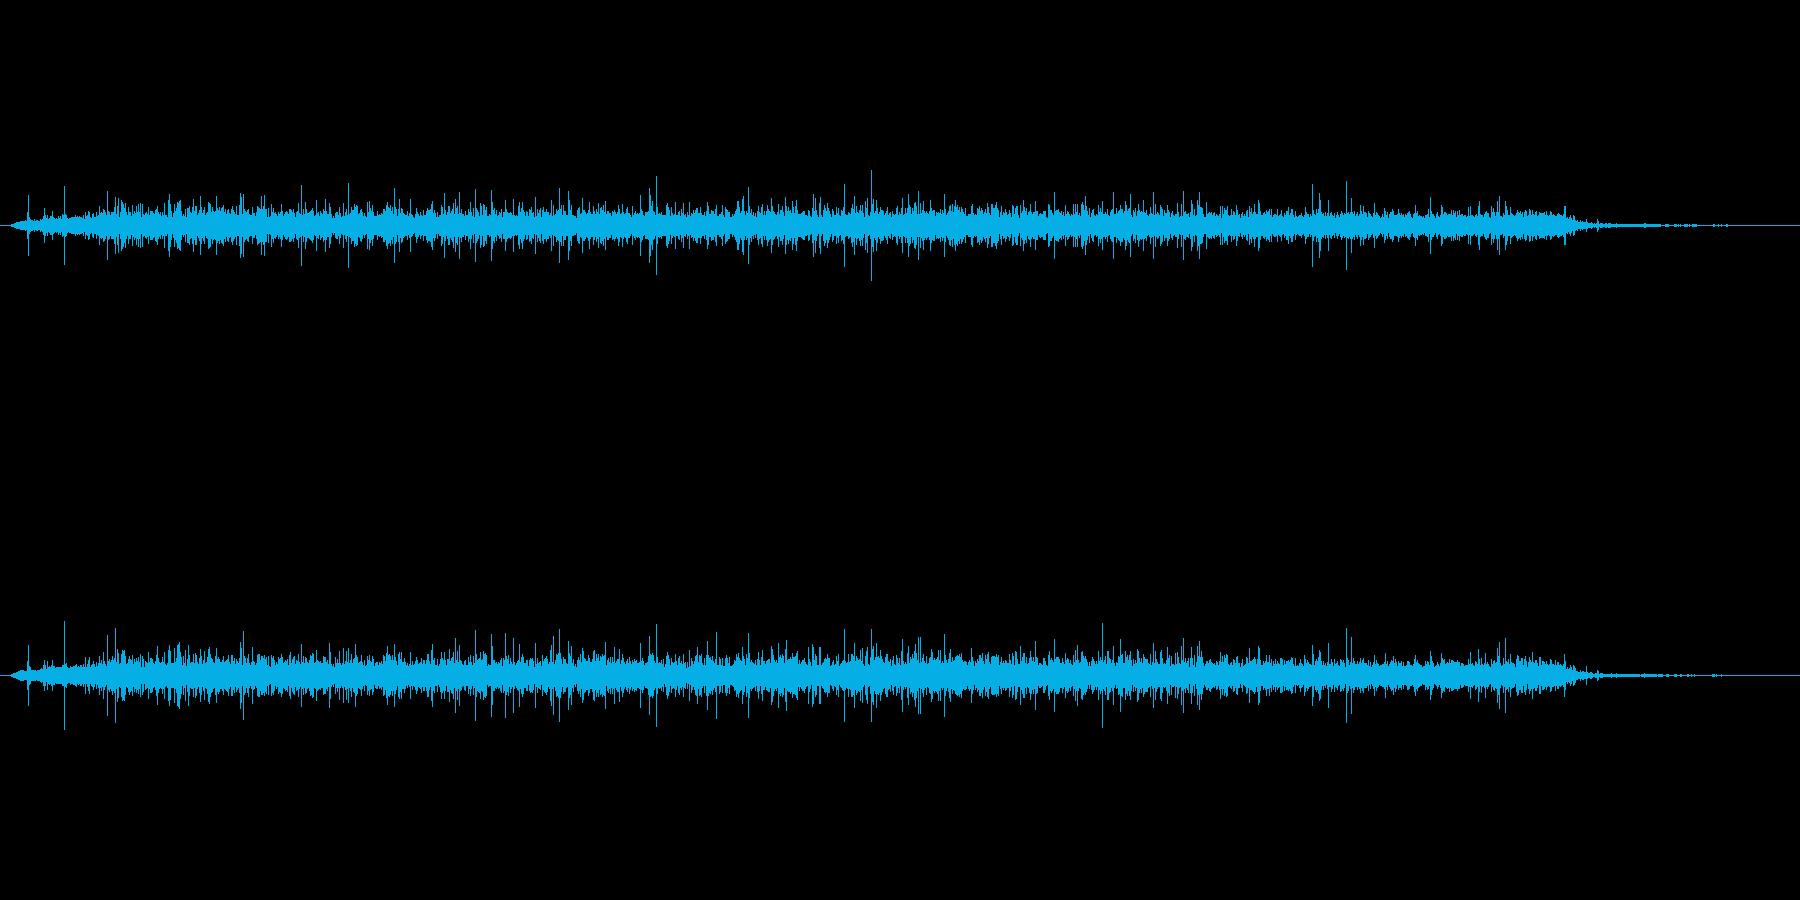 水 タップフローミディアムロング02の再生済みの波形